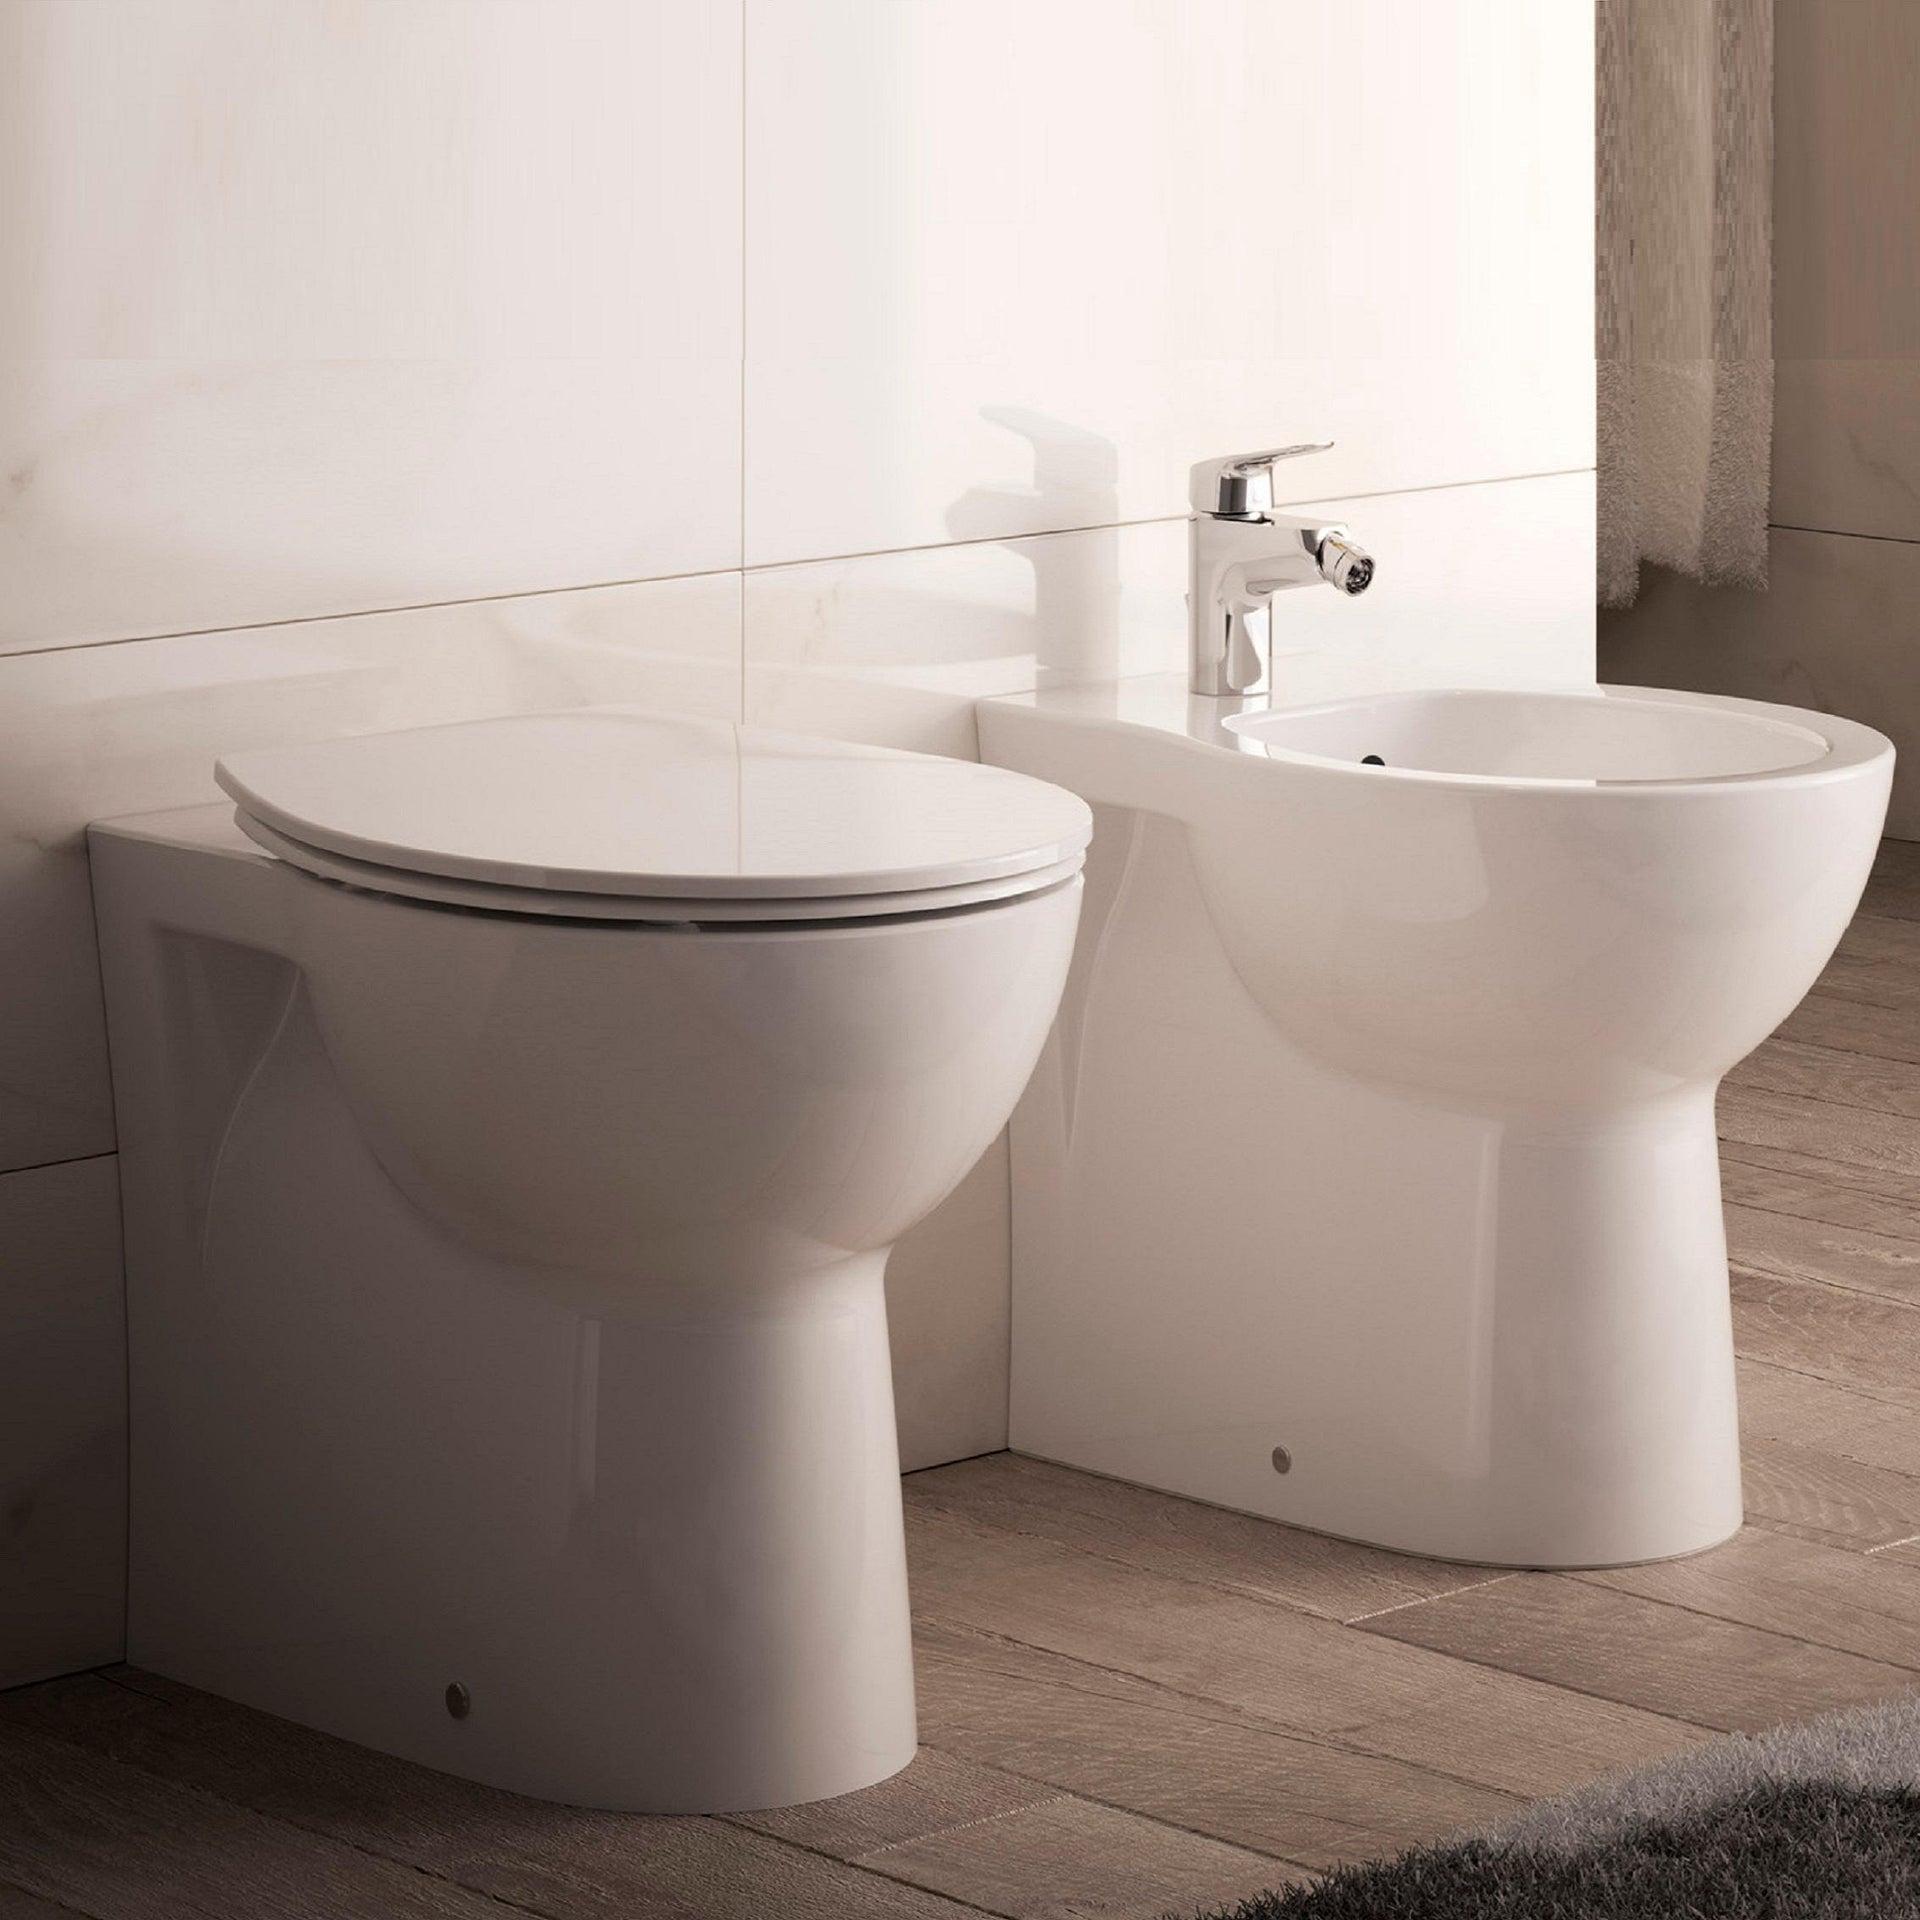 Coppia sanitari pavimento filo muro Miky New IDEAL STANDARD - 1